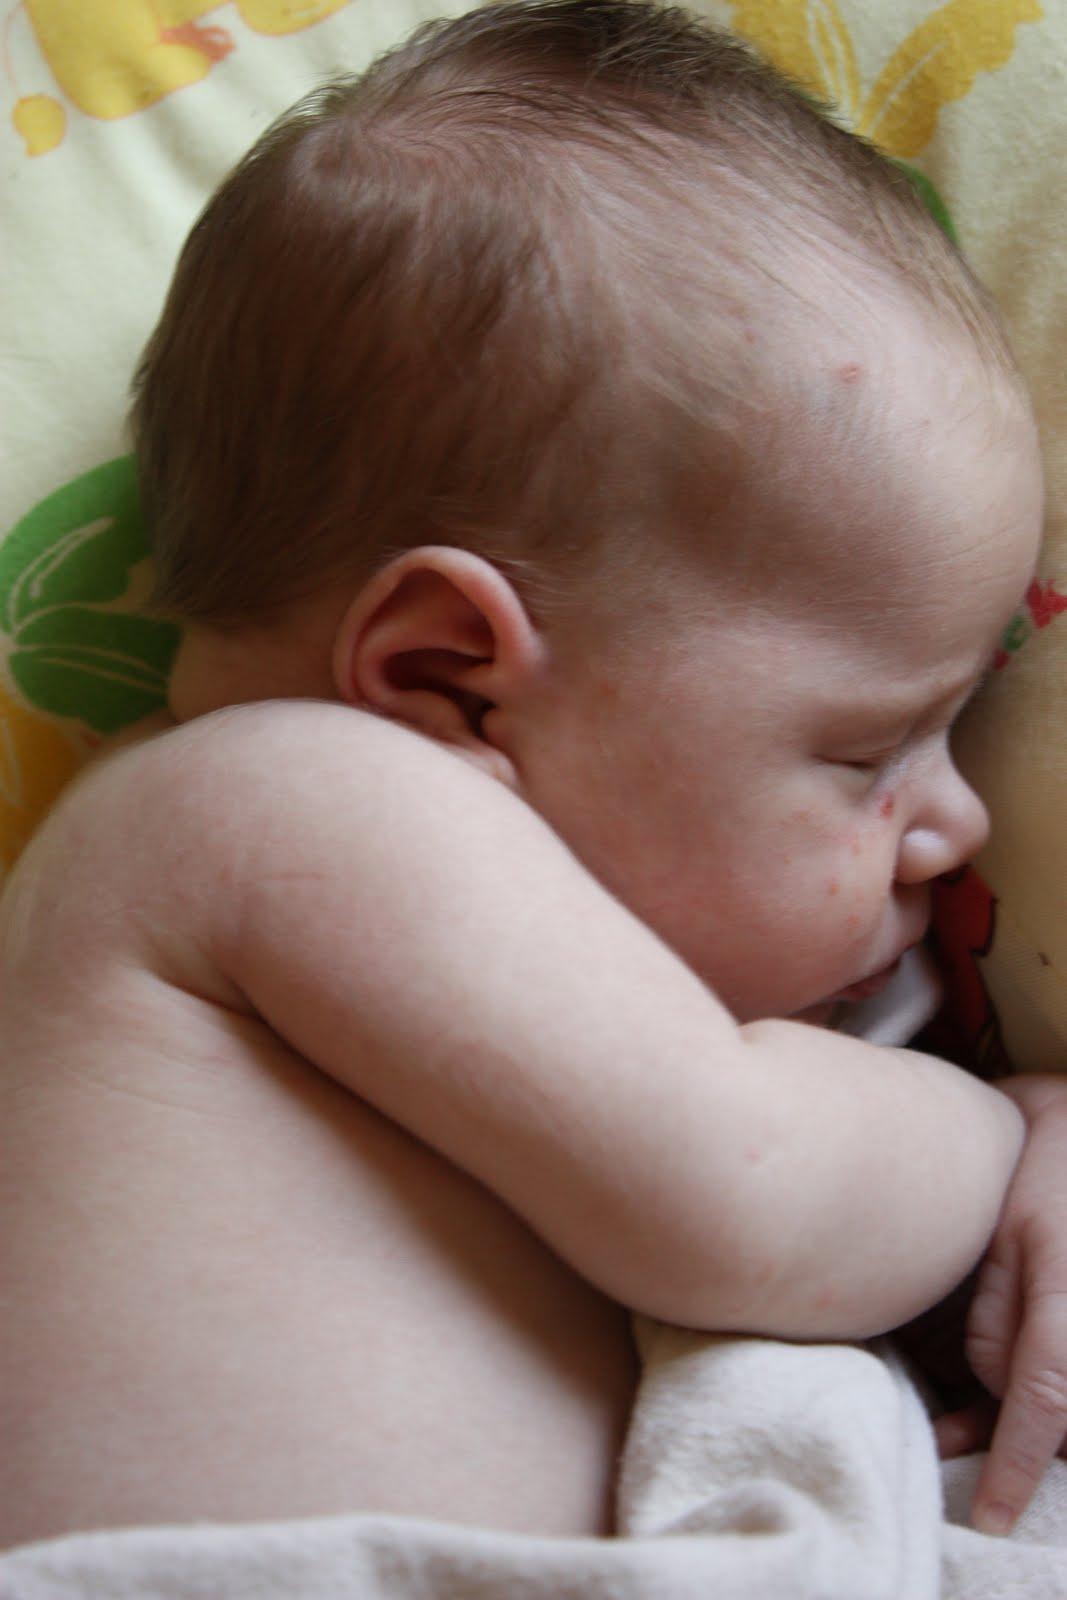 chickenpox infant #11